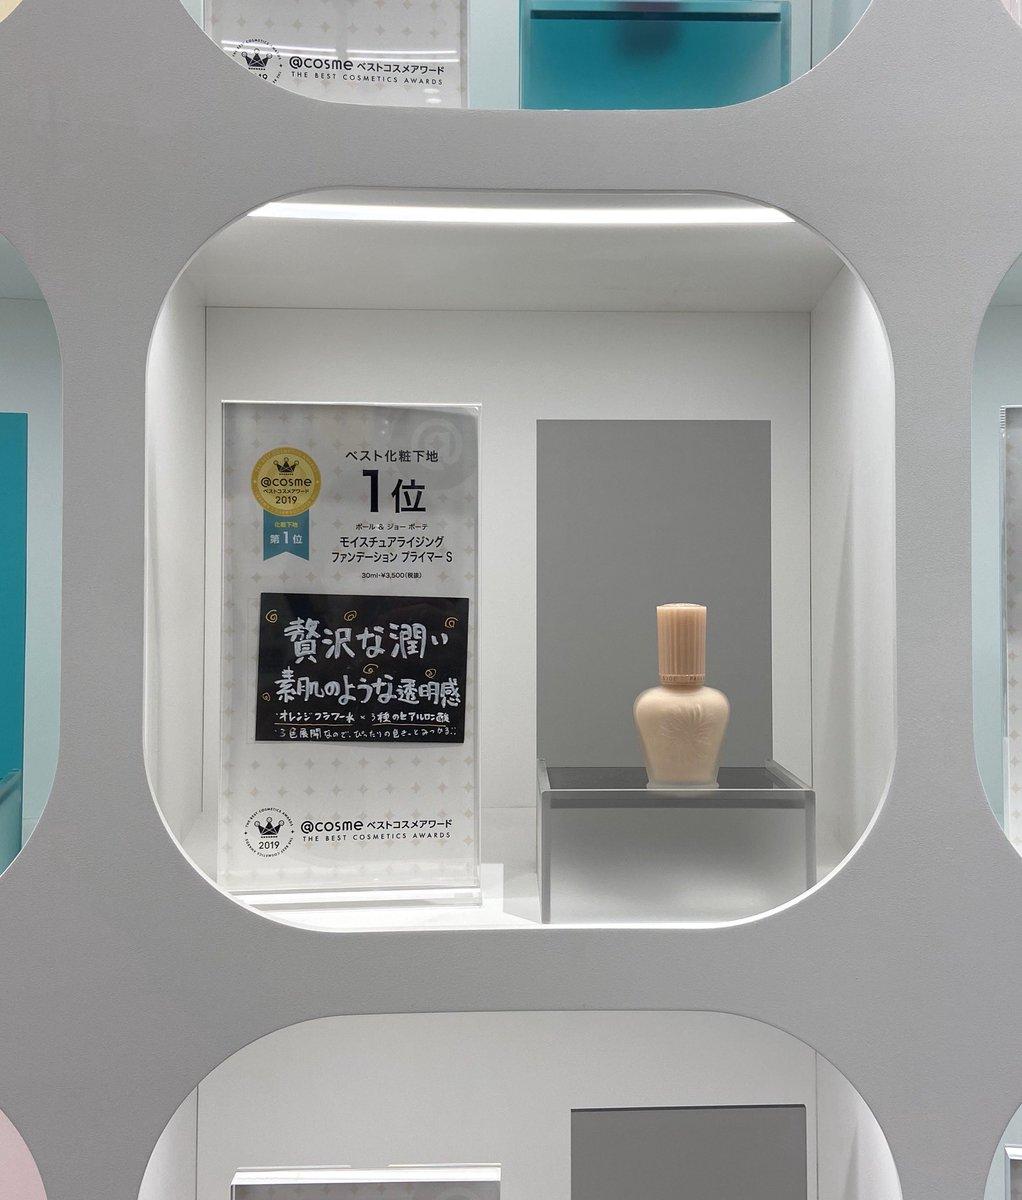 test ツイッターメディア - \アットコスメTOKYO店オープン/ 話題の@cosme TOKYOに本日 #ポールアンドジョー が #NEW #オープン❣️ ベスコスタワーには人気の #プライマー  も✨新発売の #リップ と #リップクレヨン も是非お試しください💓#原宿 https://t.co/llHgPfu00k